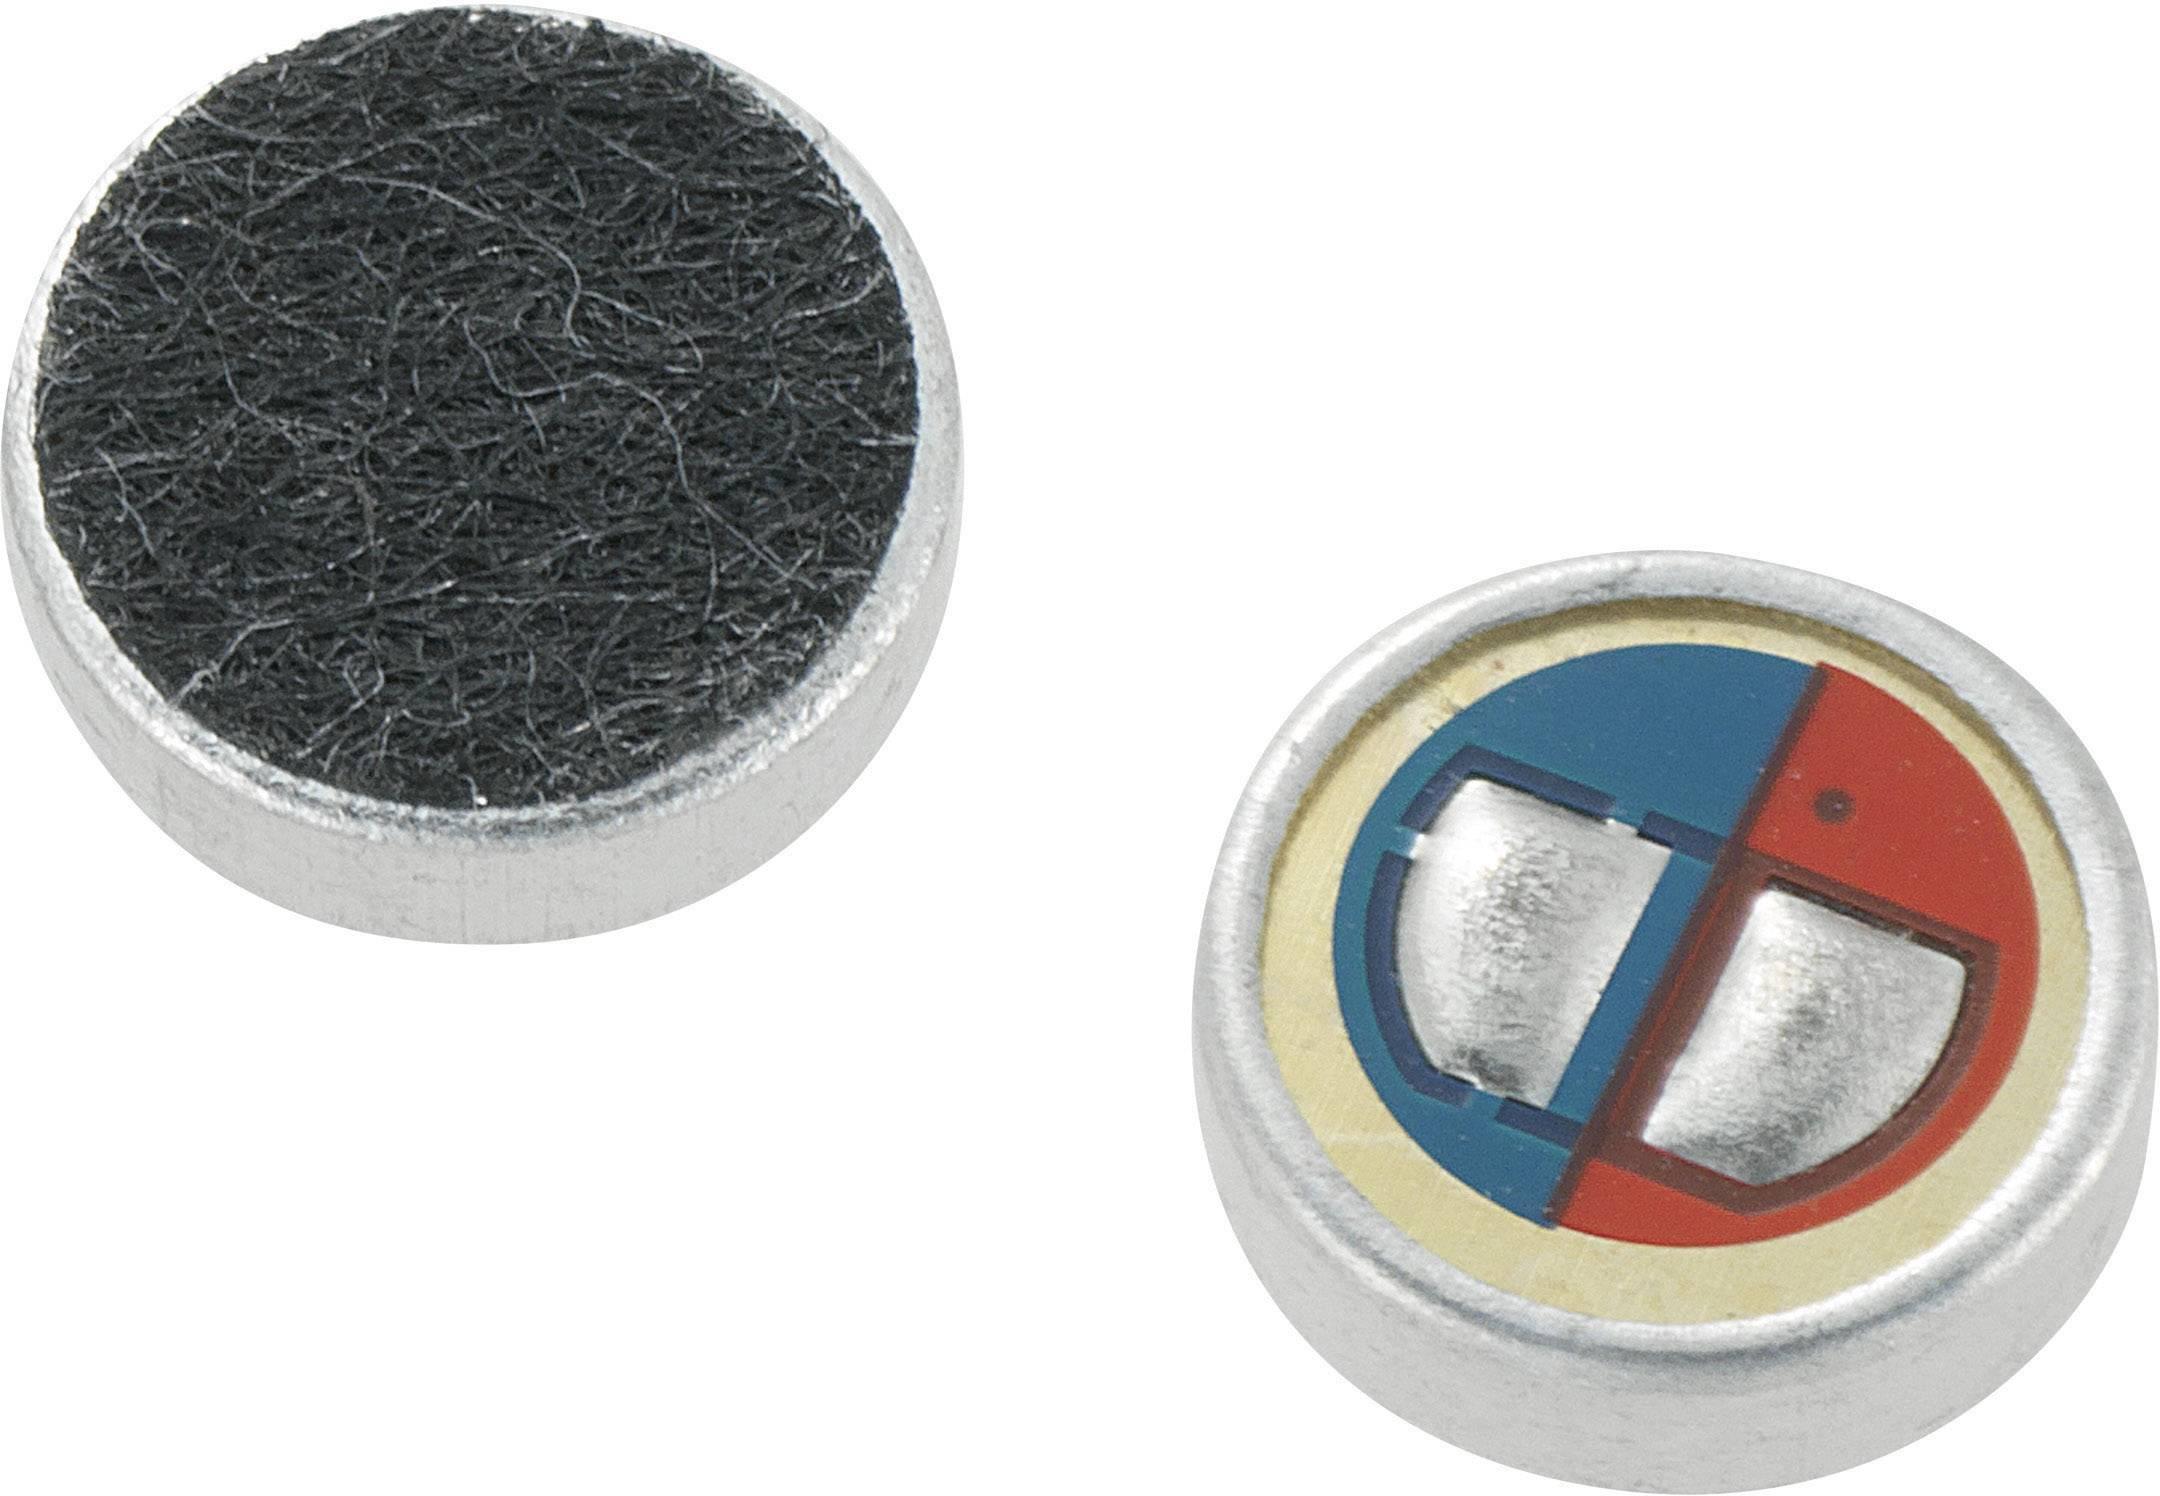 Elektretový mikrofon YDF6015C10 (93025c213), 4,5 - 10 V/DC, -56 dB, 70 - 1000 Hz